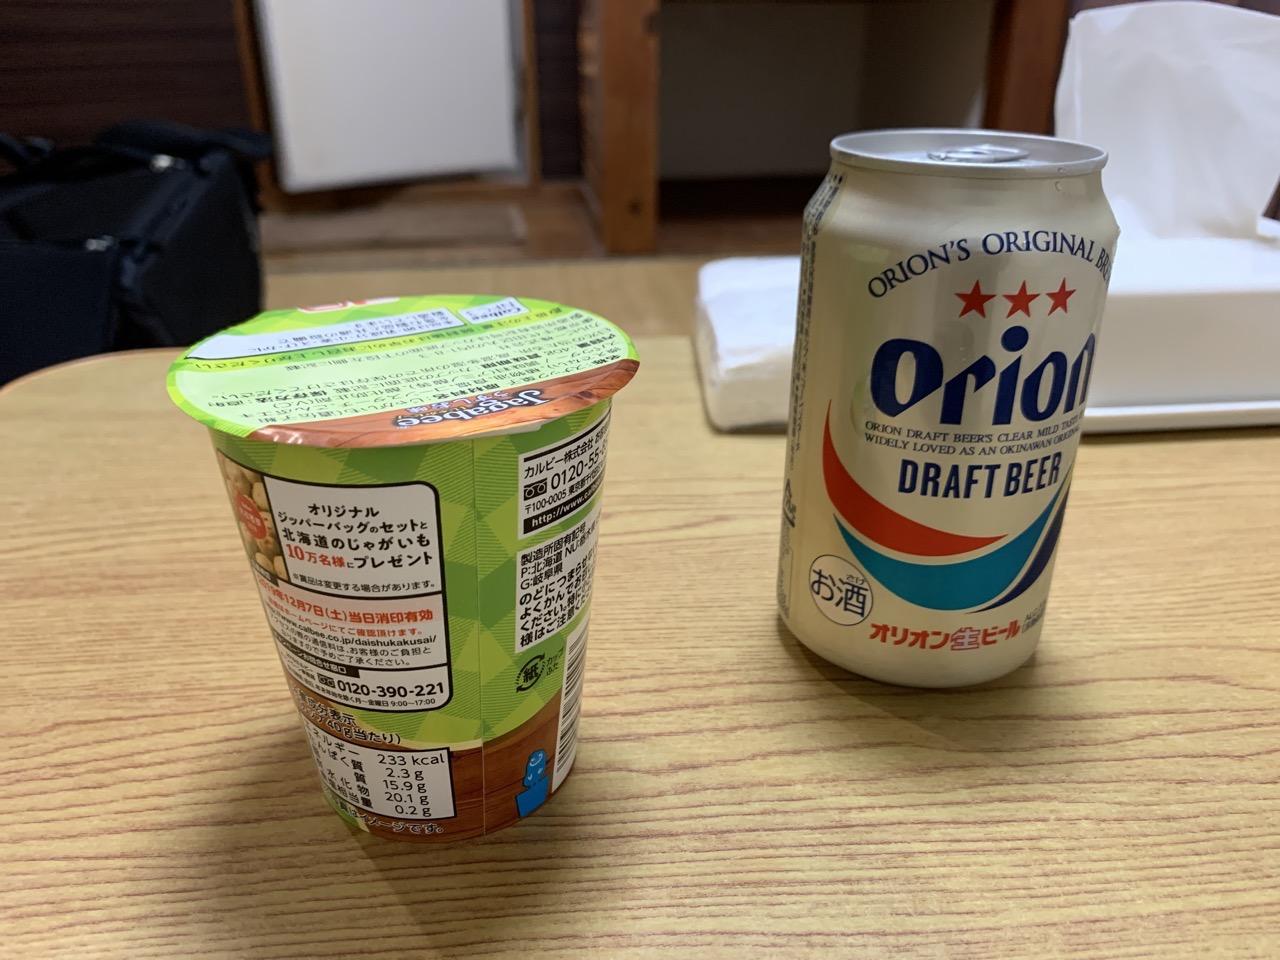 国吉 オリオンビール